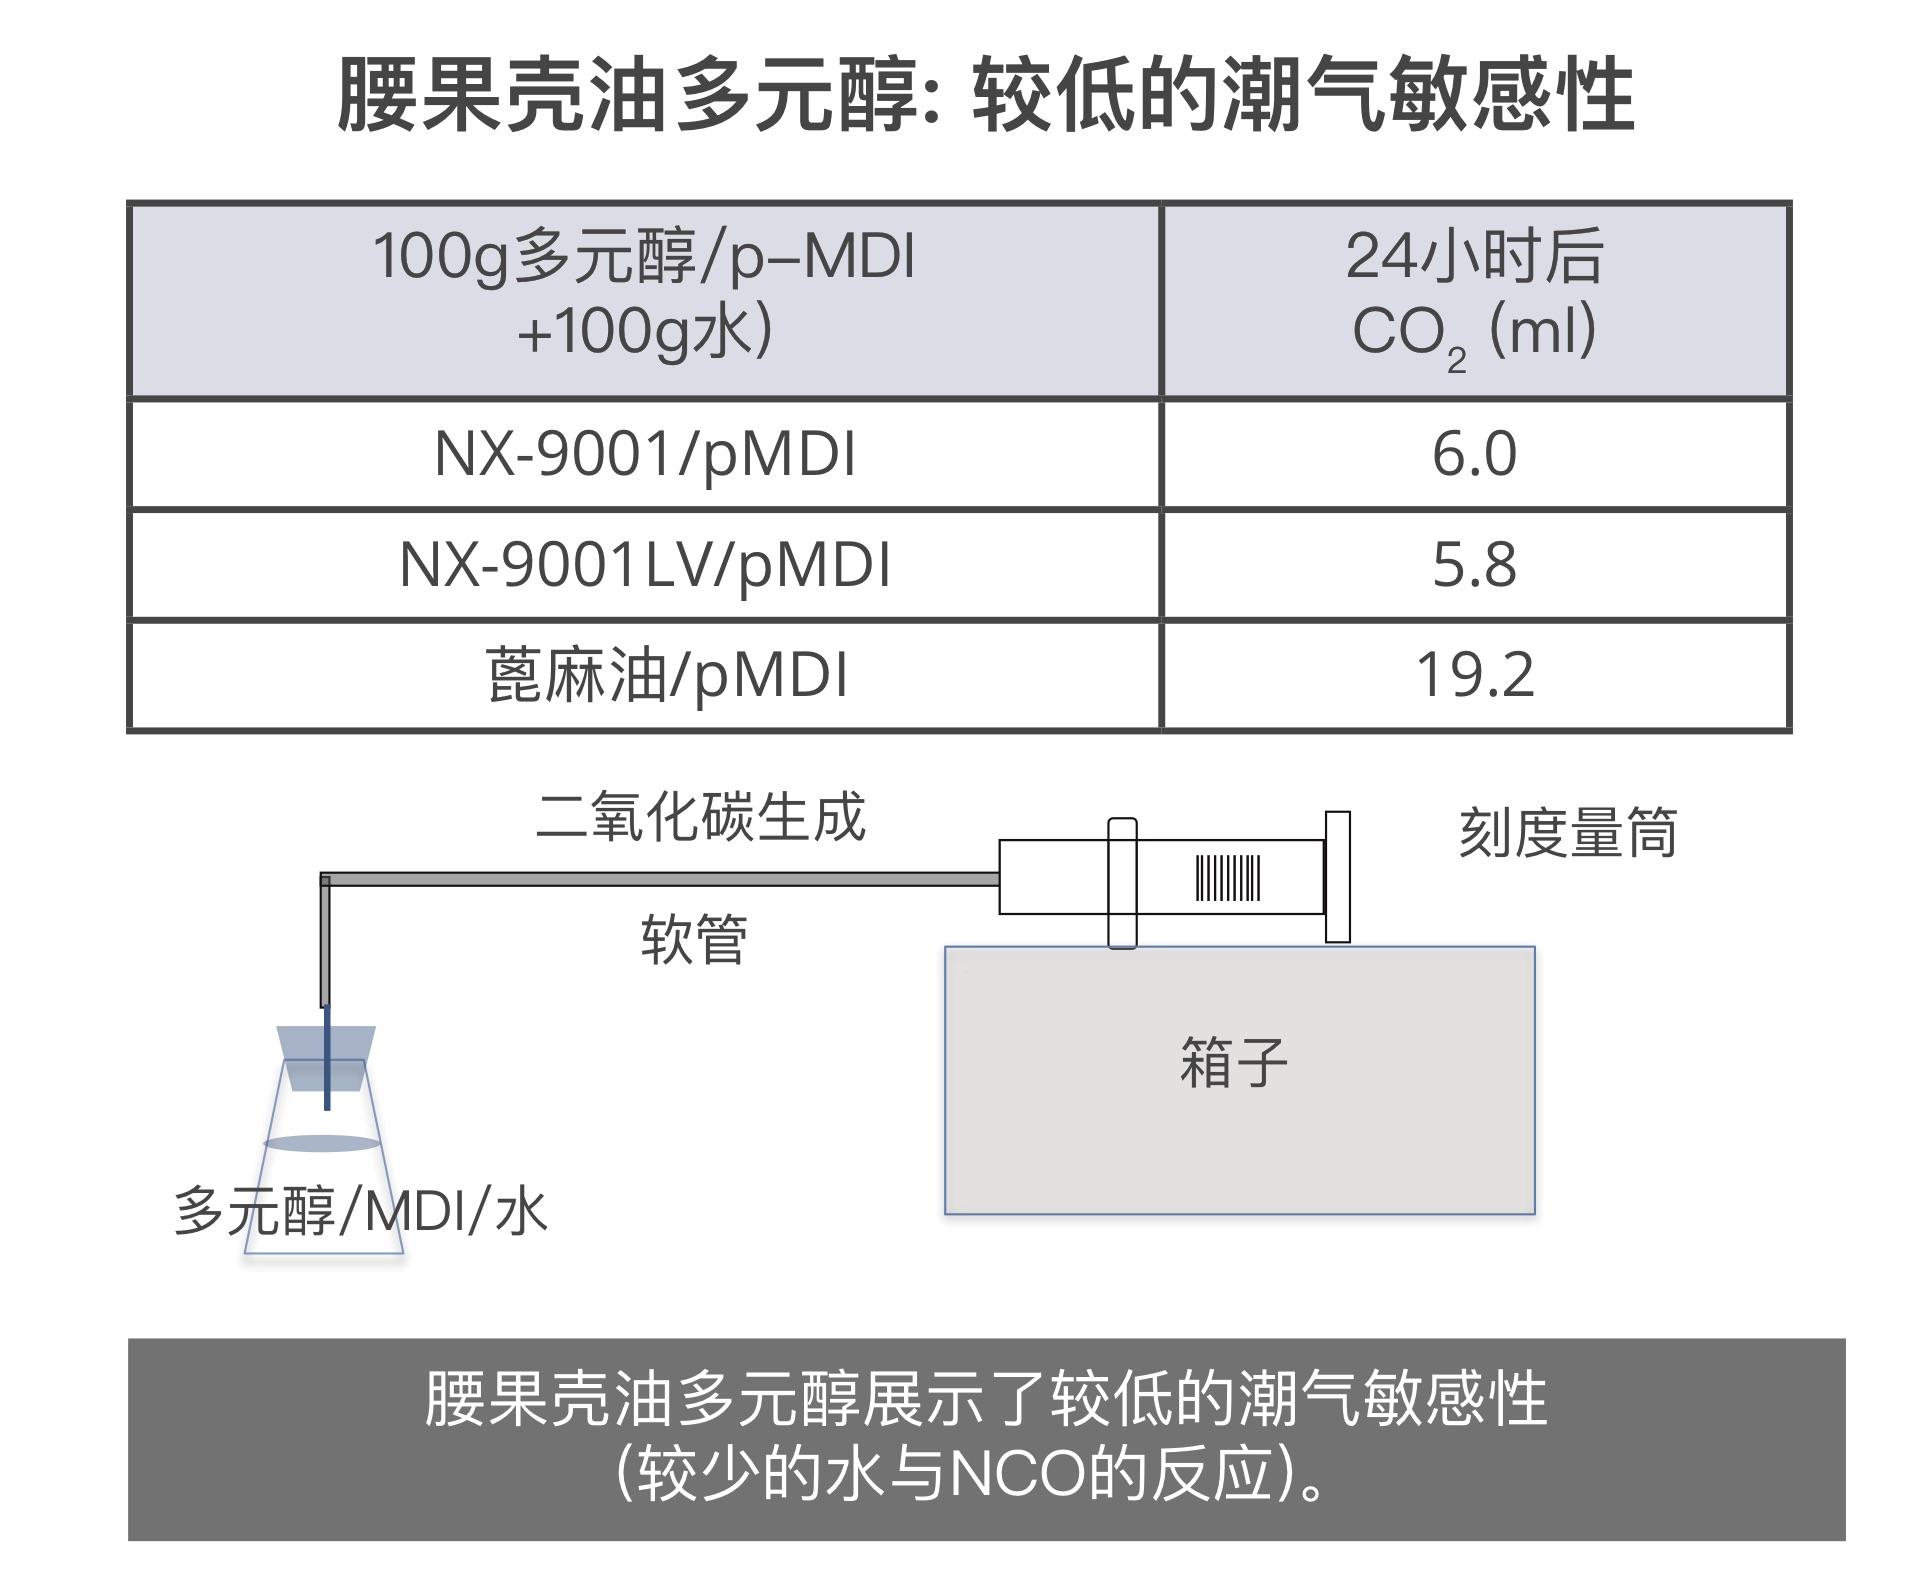 腰果壳油多元醇展示了较低的潮气敏感性,较低的水和NCO反应。